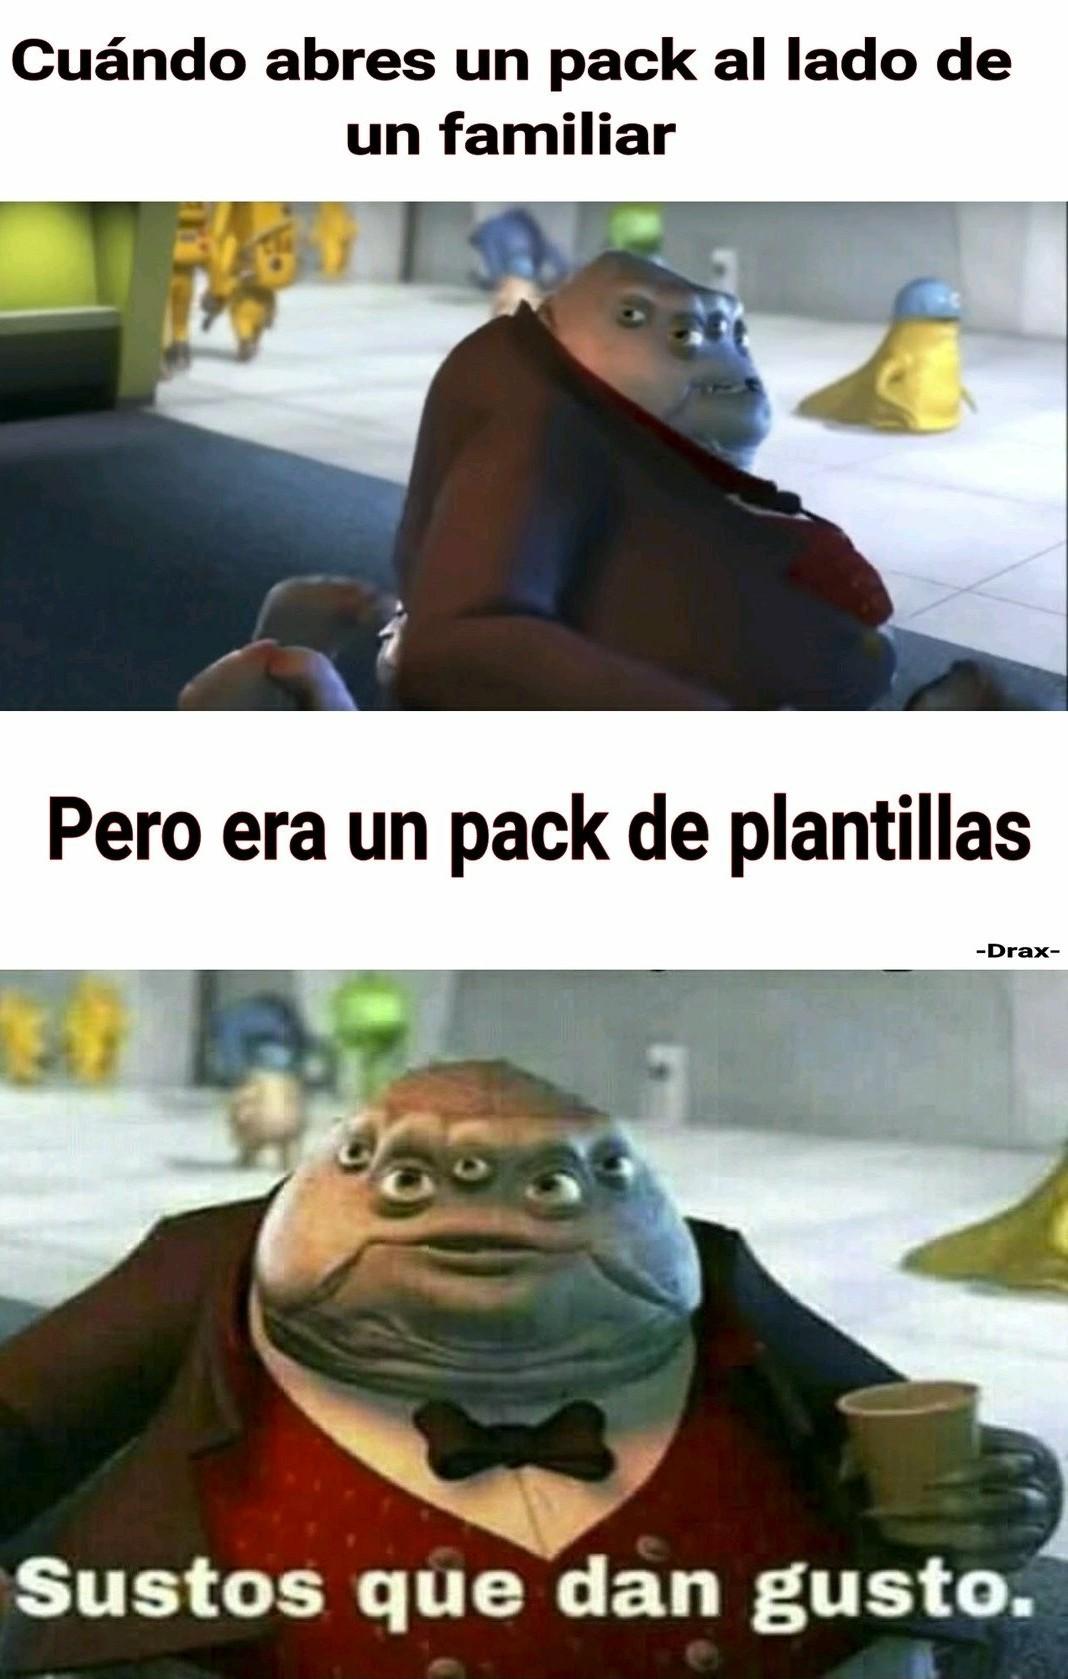 -Drax- - meme